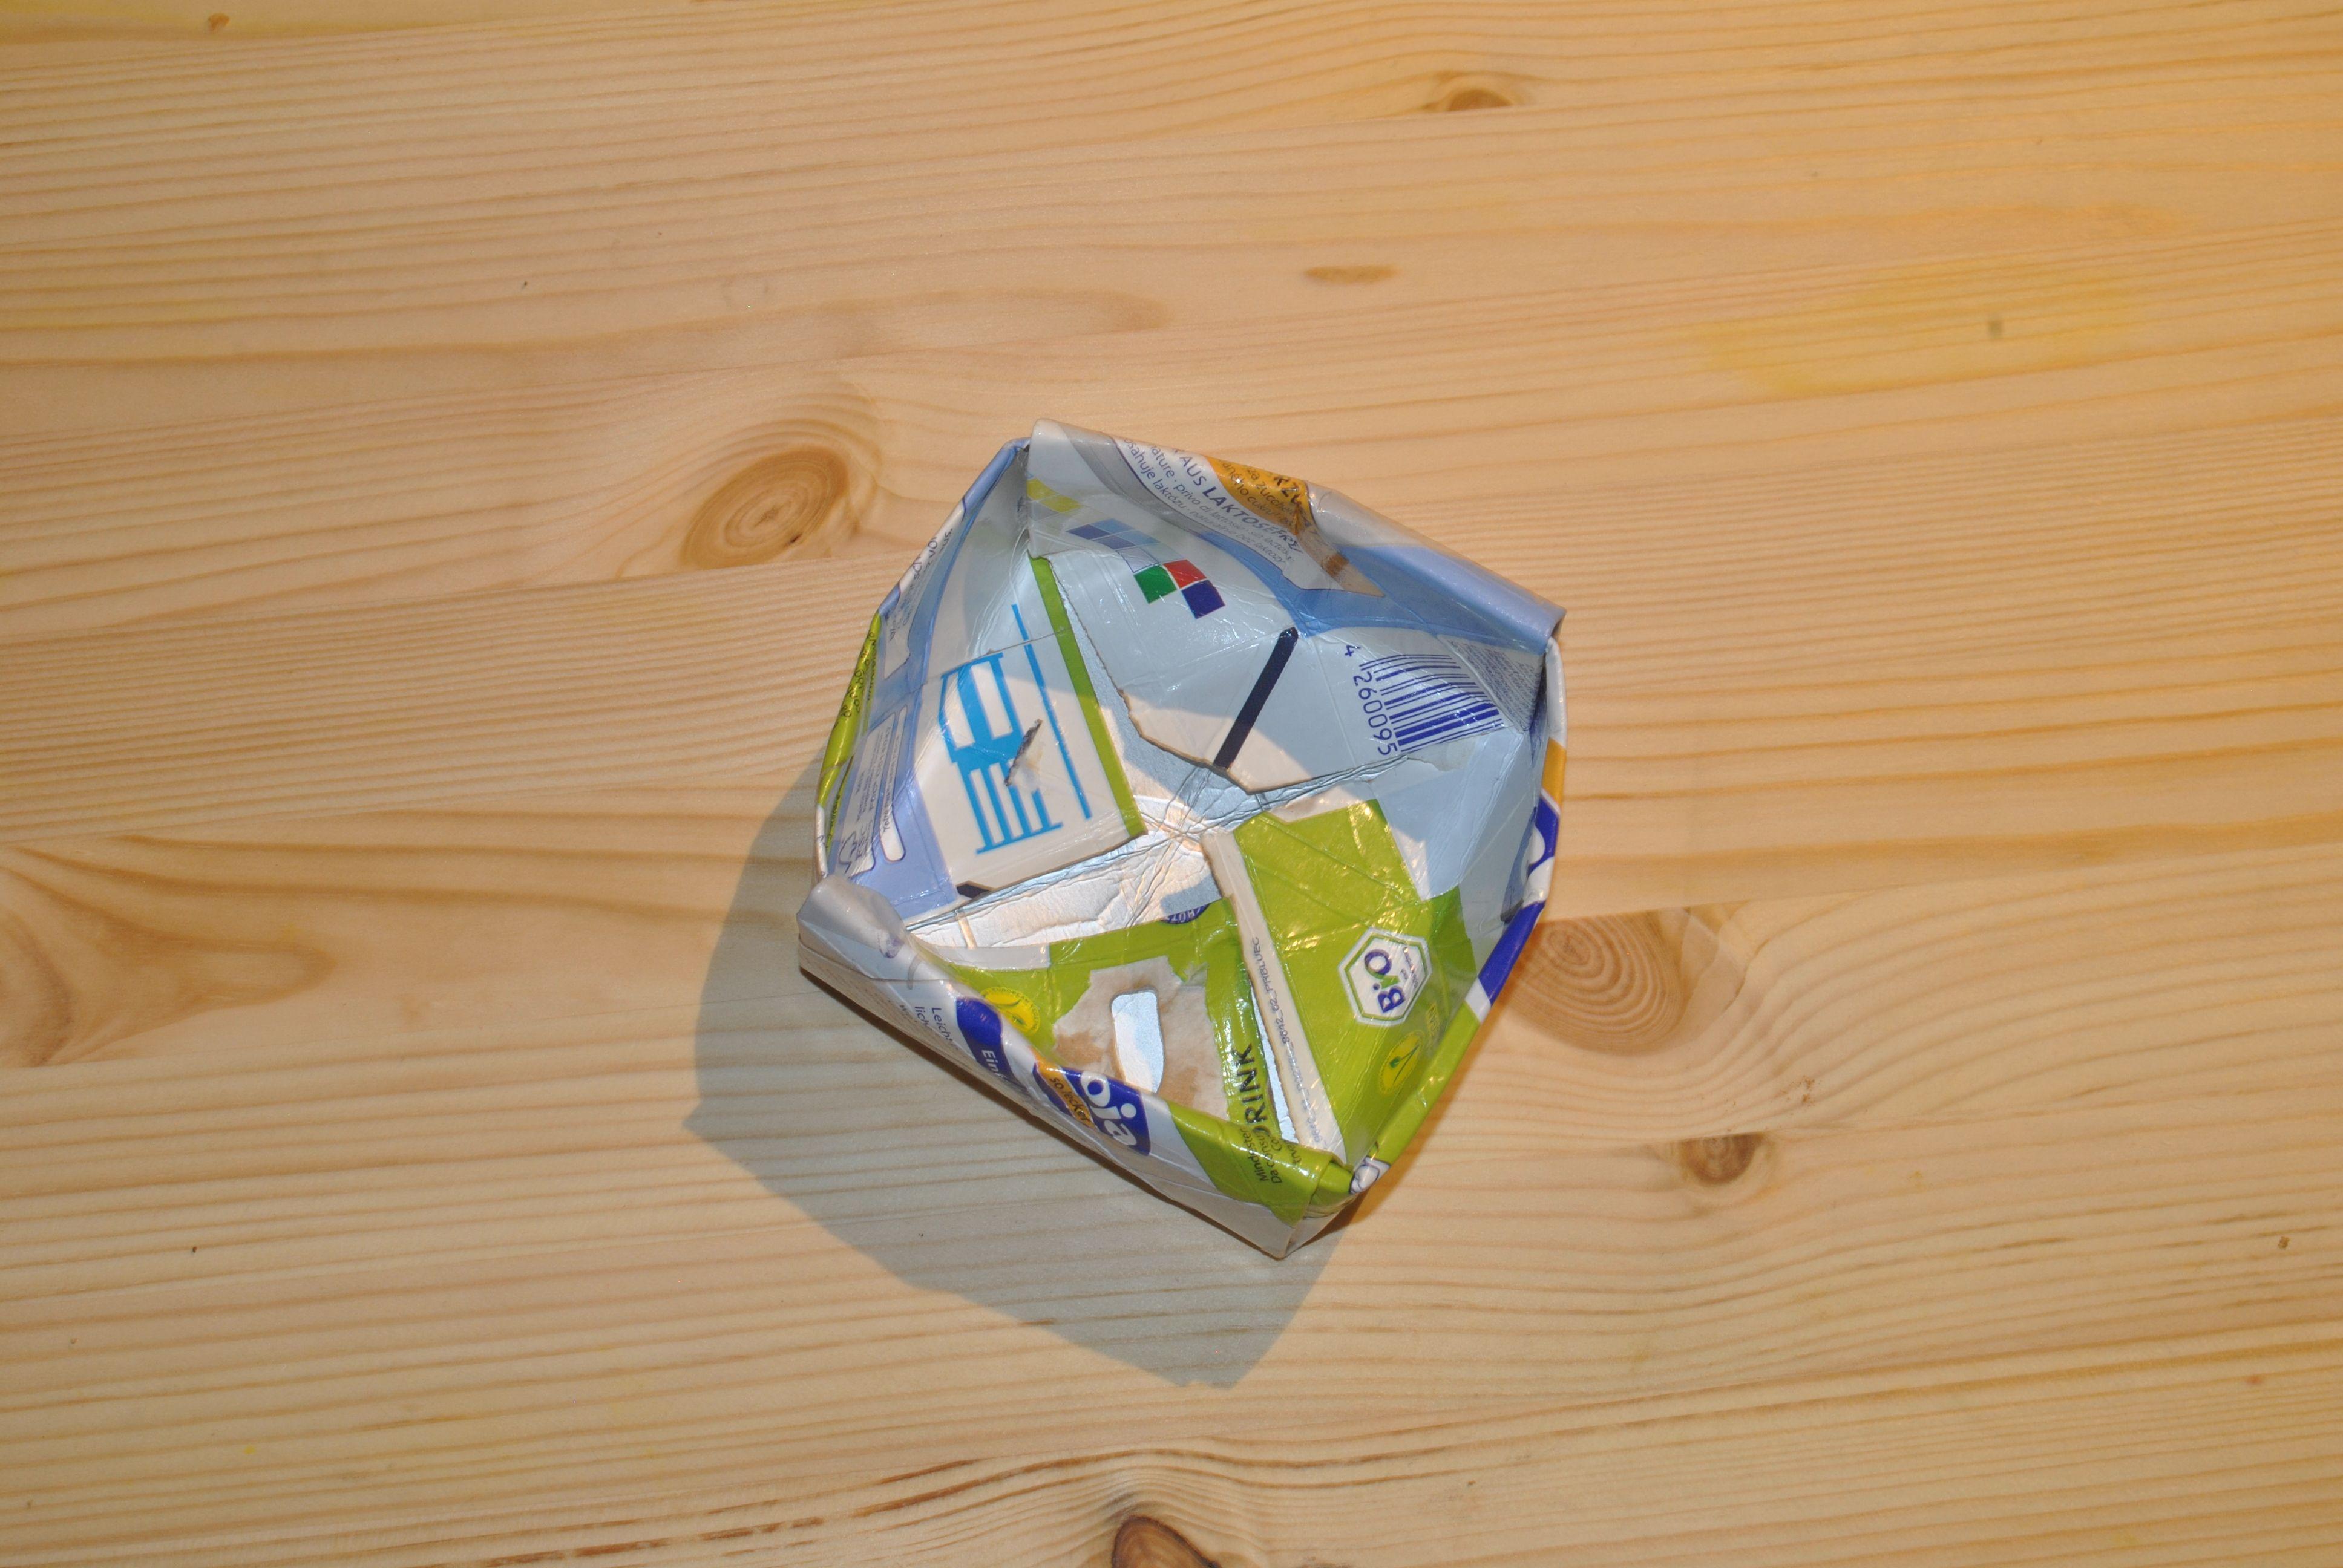 Kuhmilch lässt sich zum Glück meist in Flaschen kaufen, bei pflanzlicher Milch ist das leider (noch) nicht möglich. Was also machen mit dem übrig gebliebenen Karton? Eine Möglichkeit ist natürlich,…